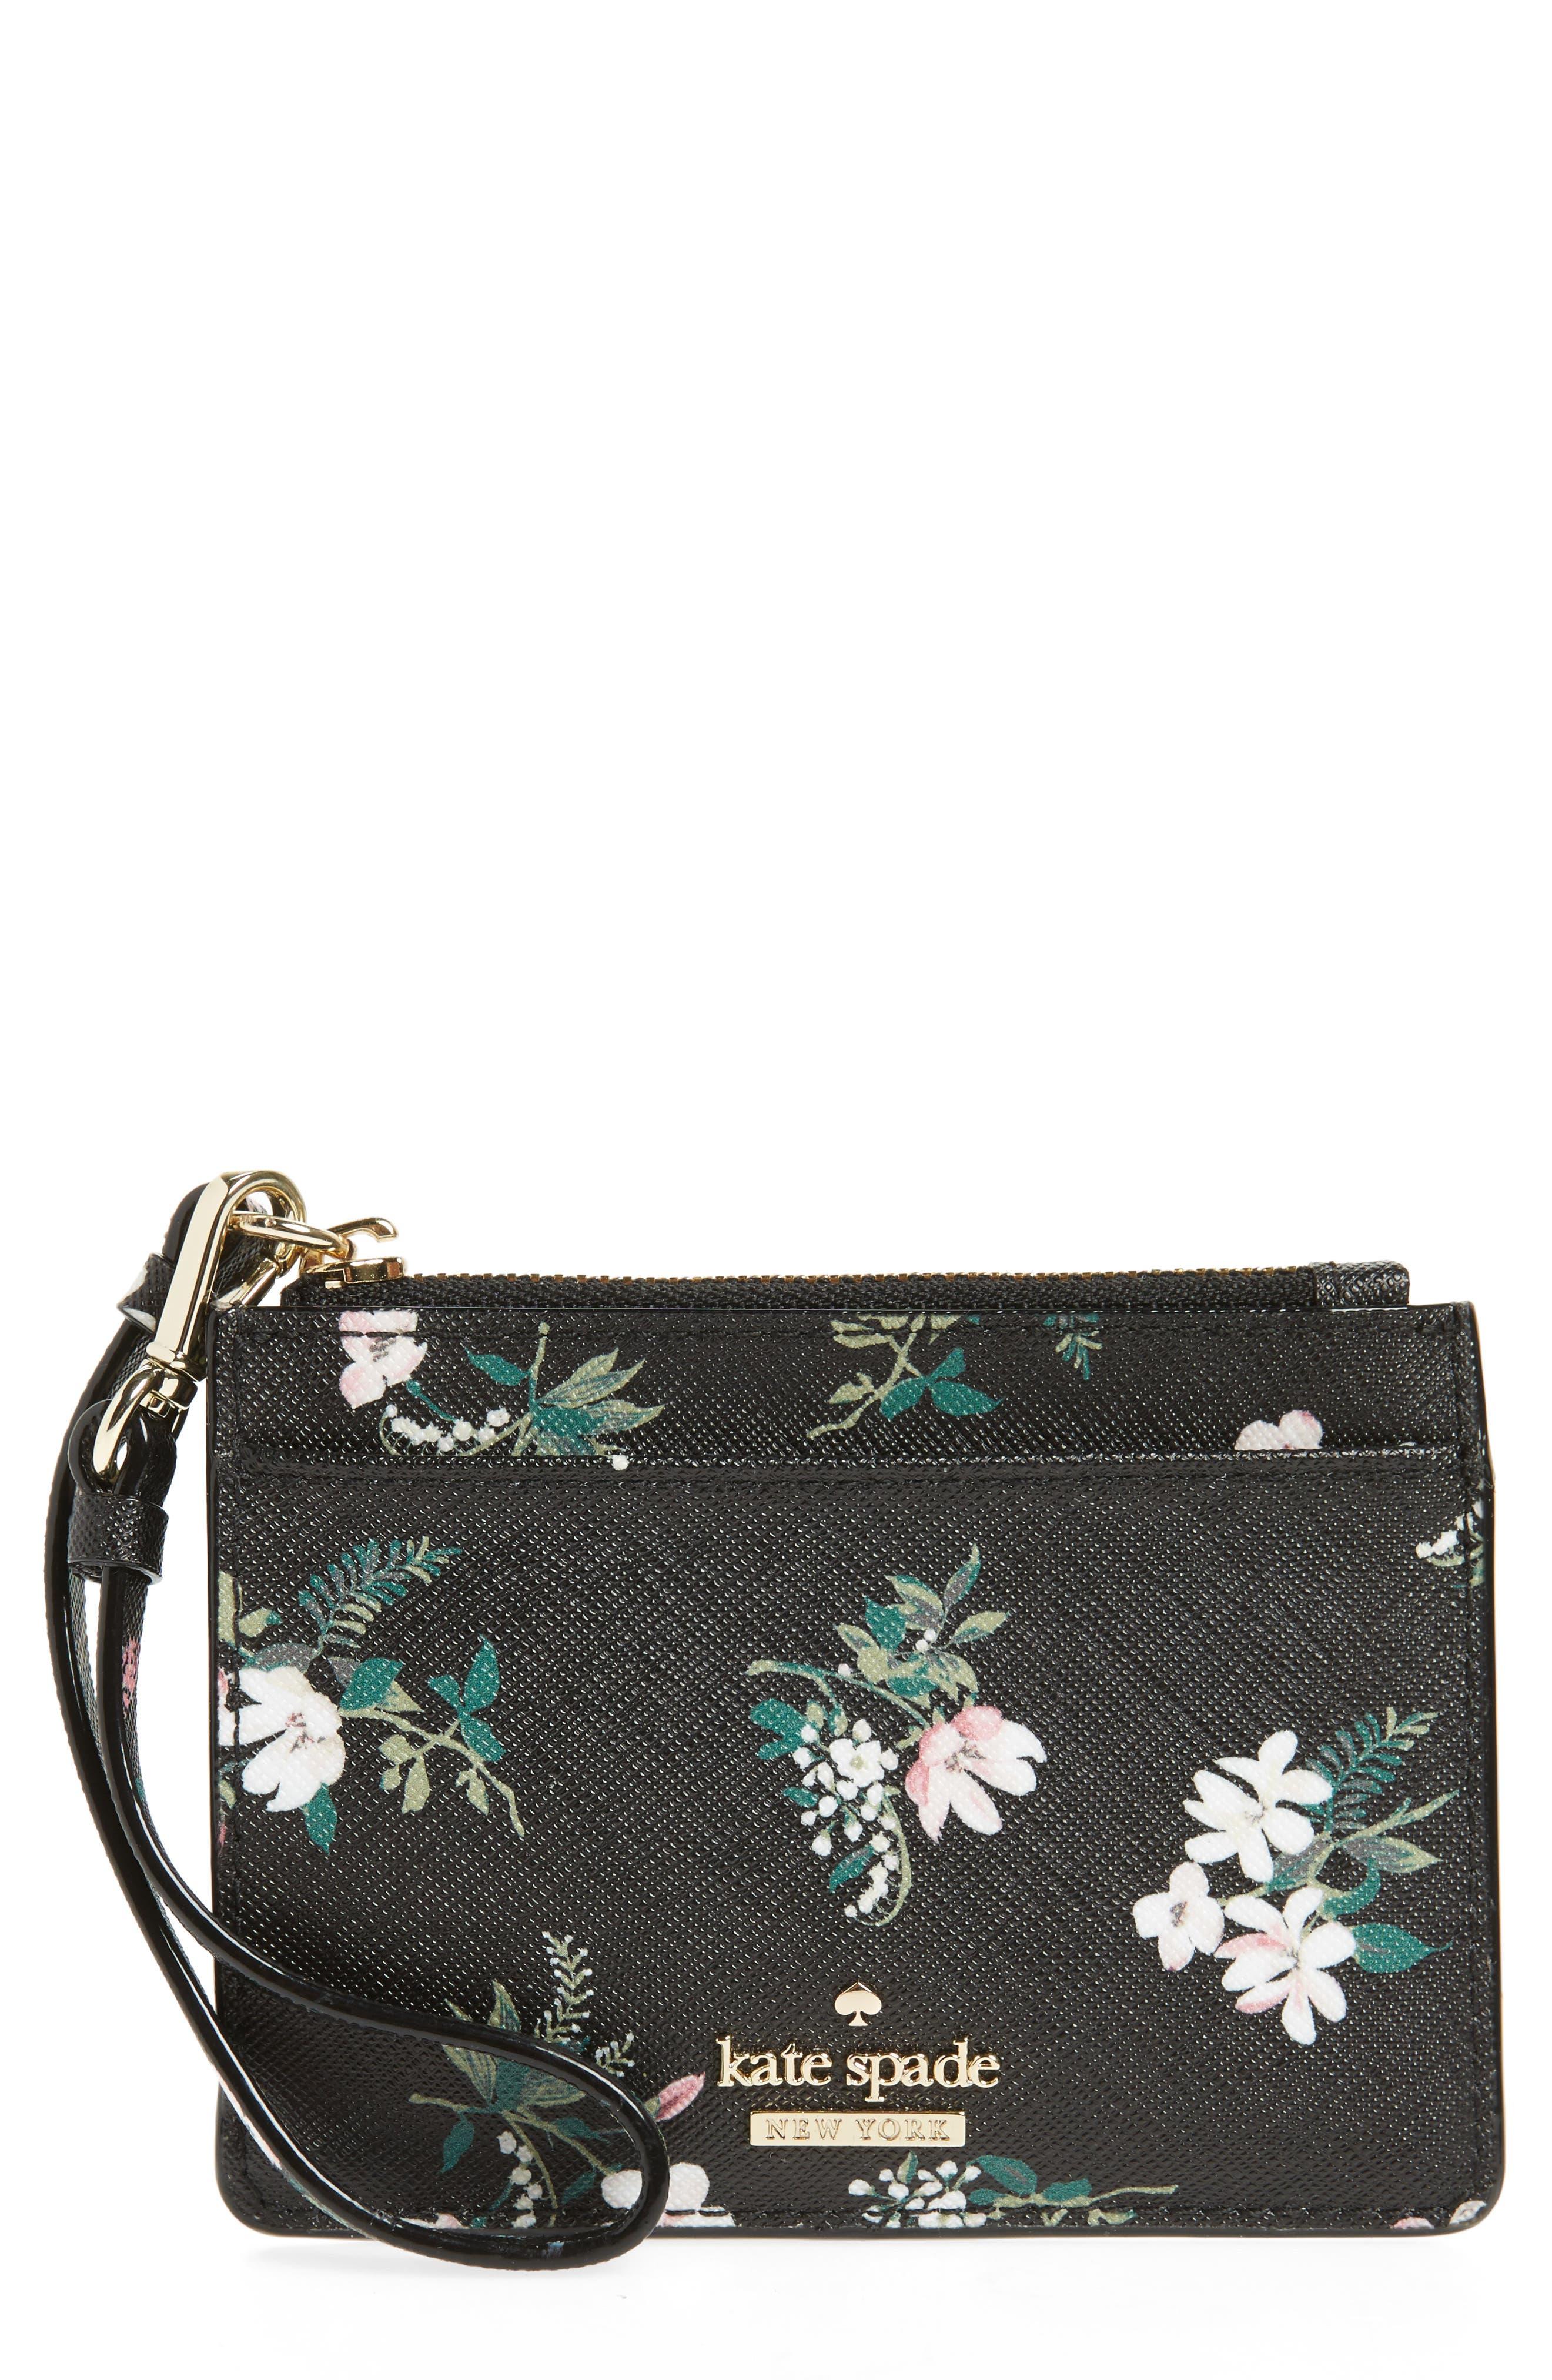 kate spade new york cameron street - flora mellody fabric card case